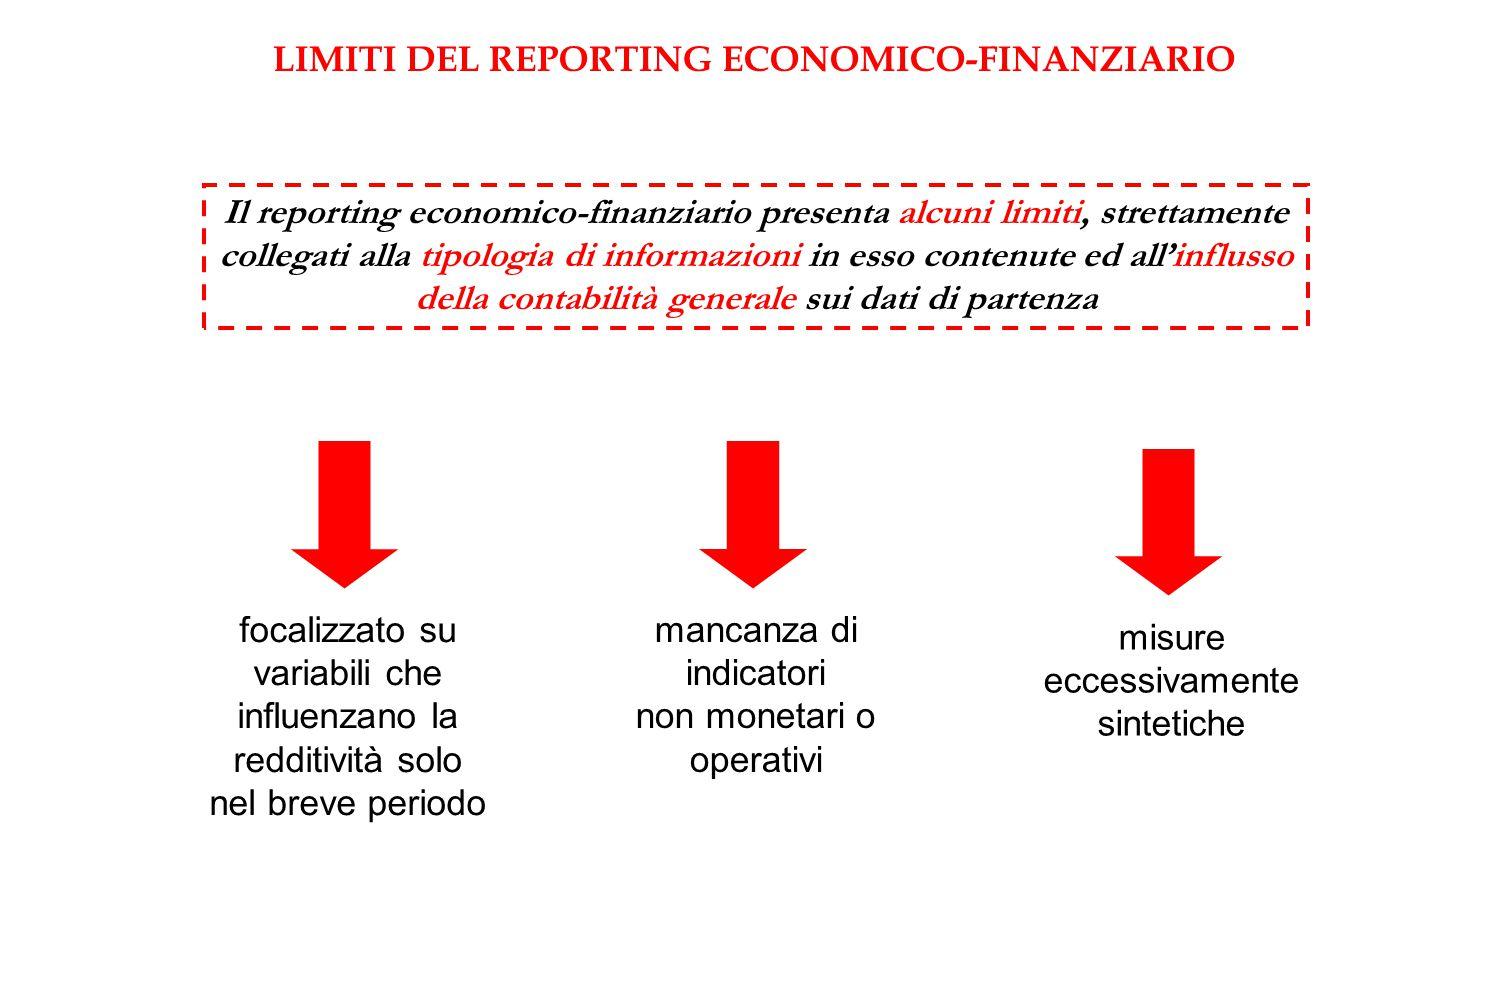 LIMITI DEL REPORTING ECONOMICO-FINANZIARIO